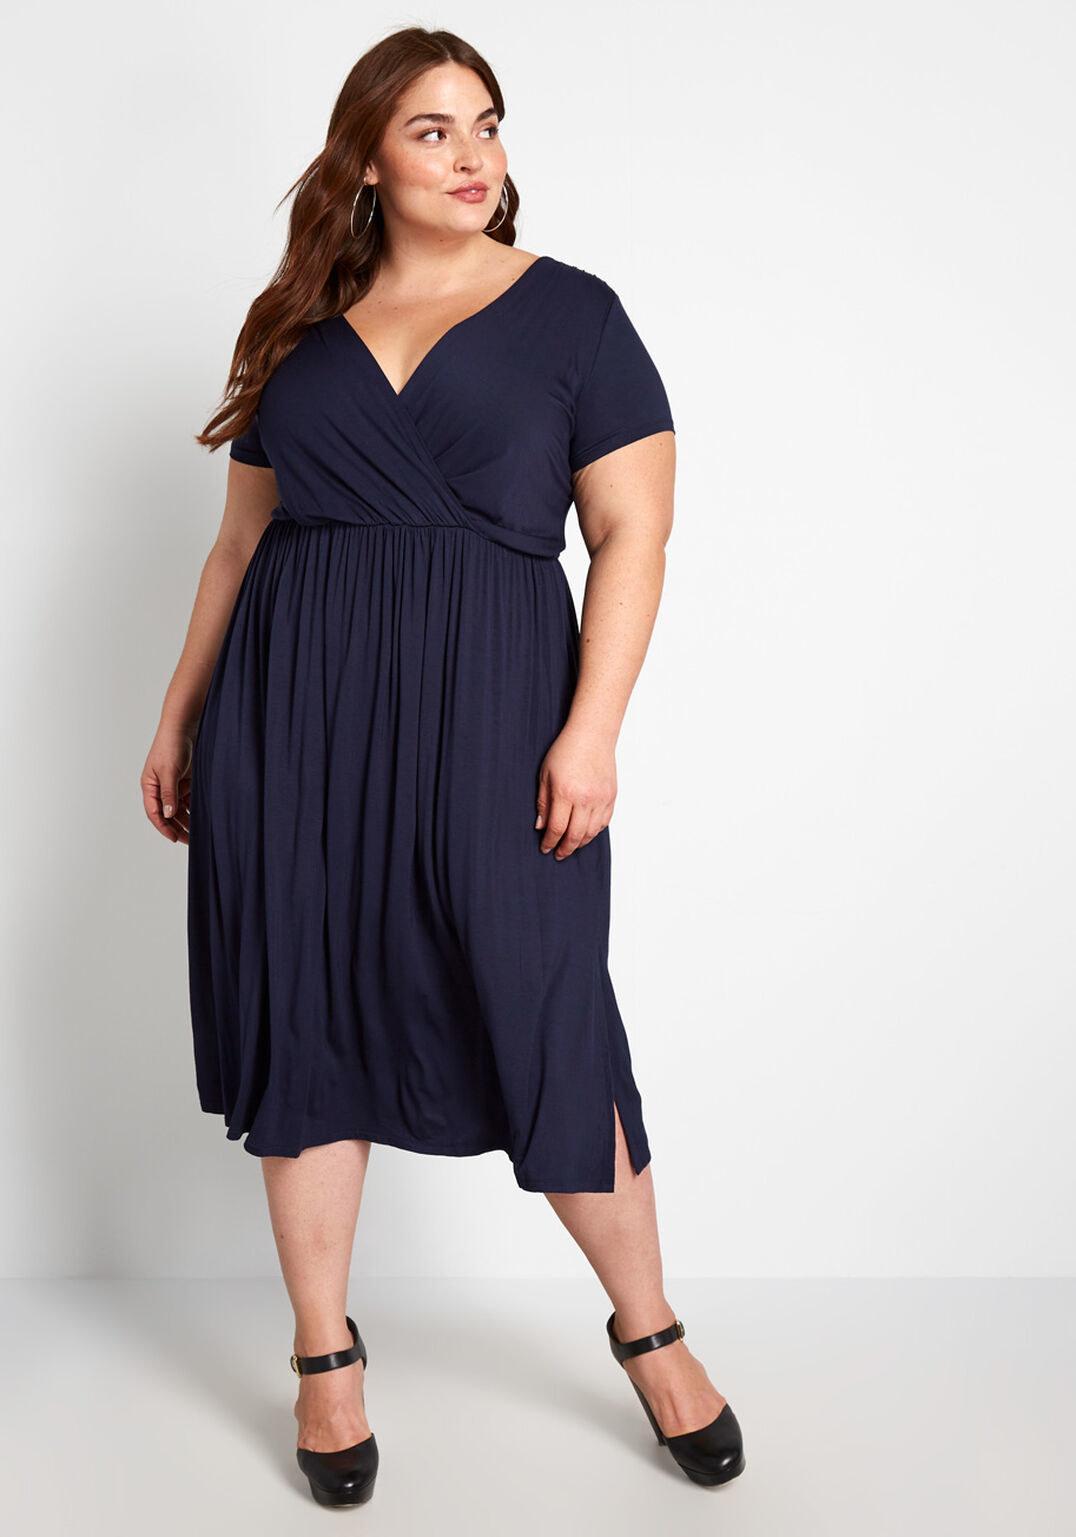 model in navy midi V-neck dress with gathered waist